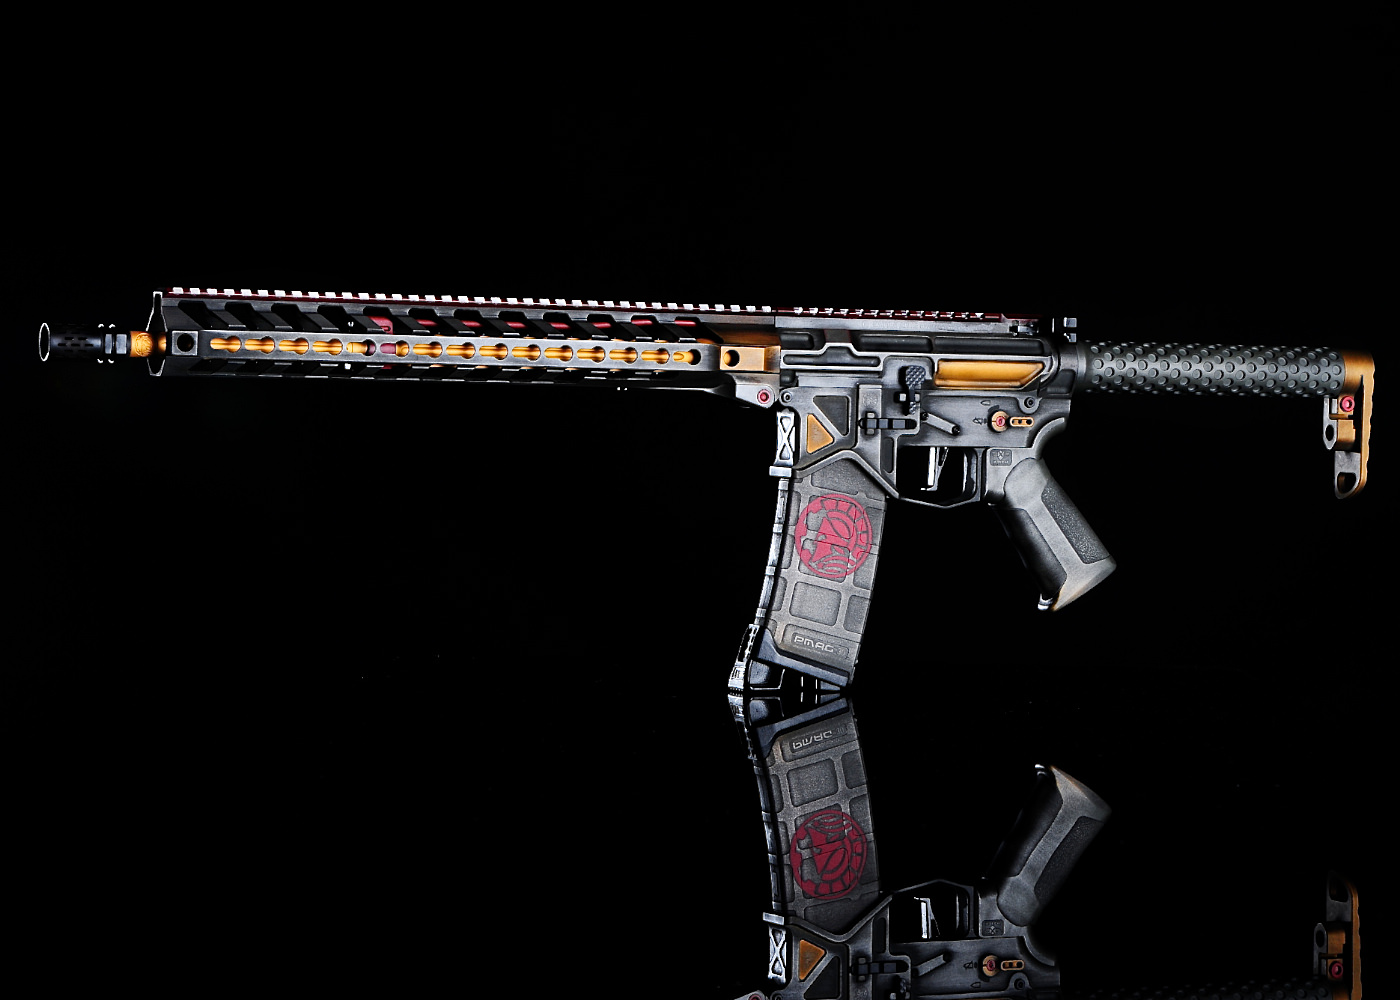 Boba Fett Themed AR15 Cerakote for Battle Arms Development